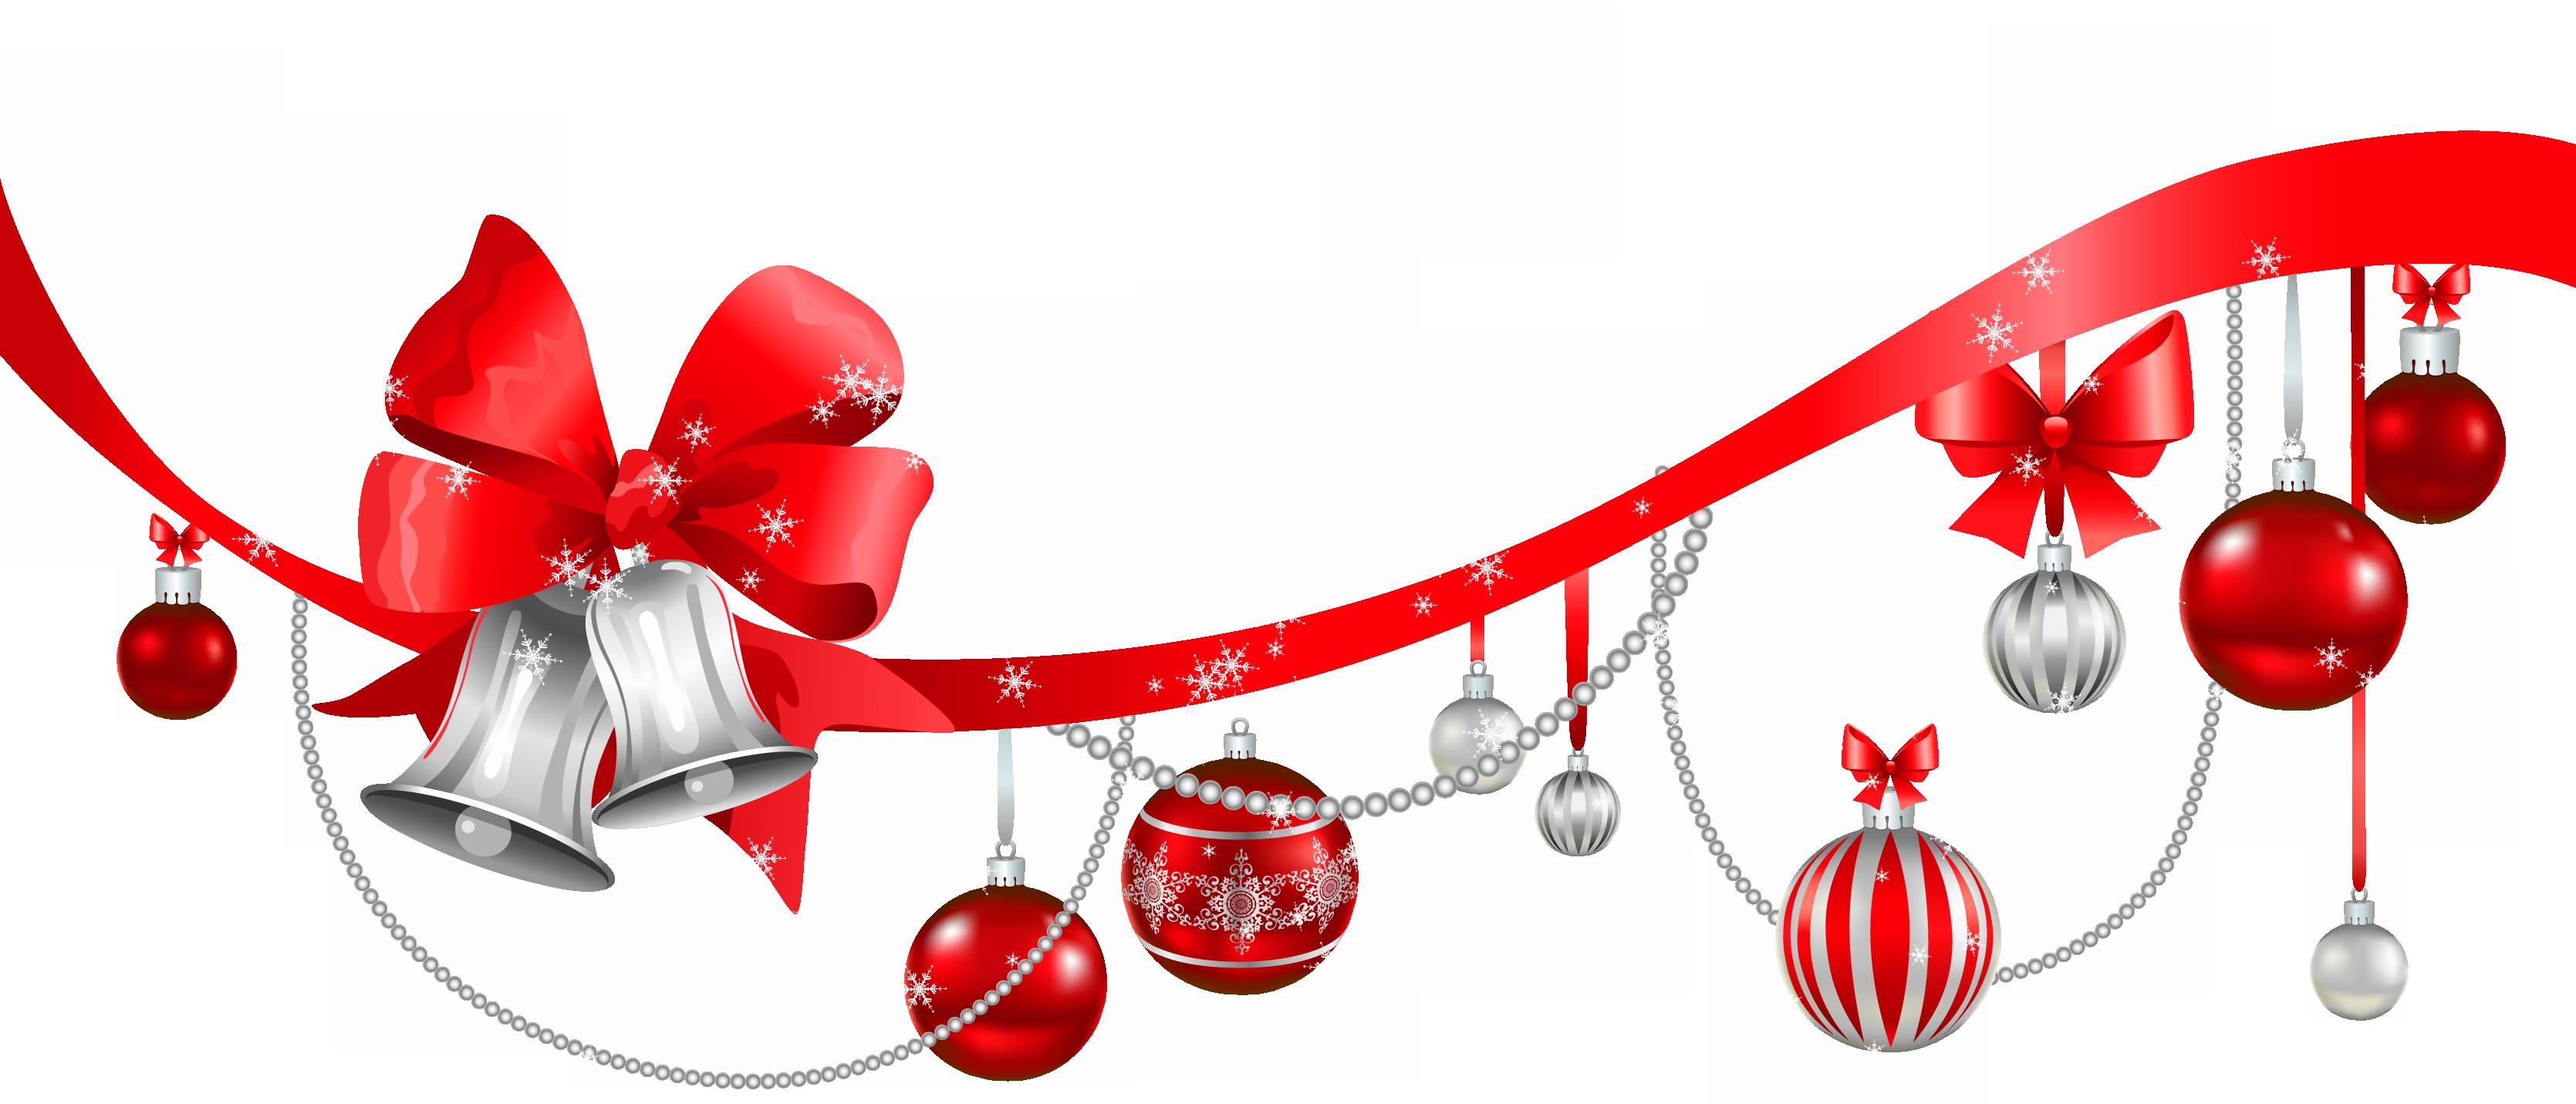 Transparent_Christmas_Decoration_PNG_Clipart